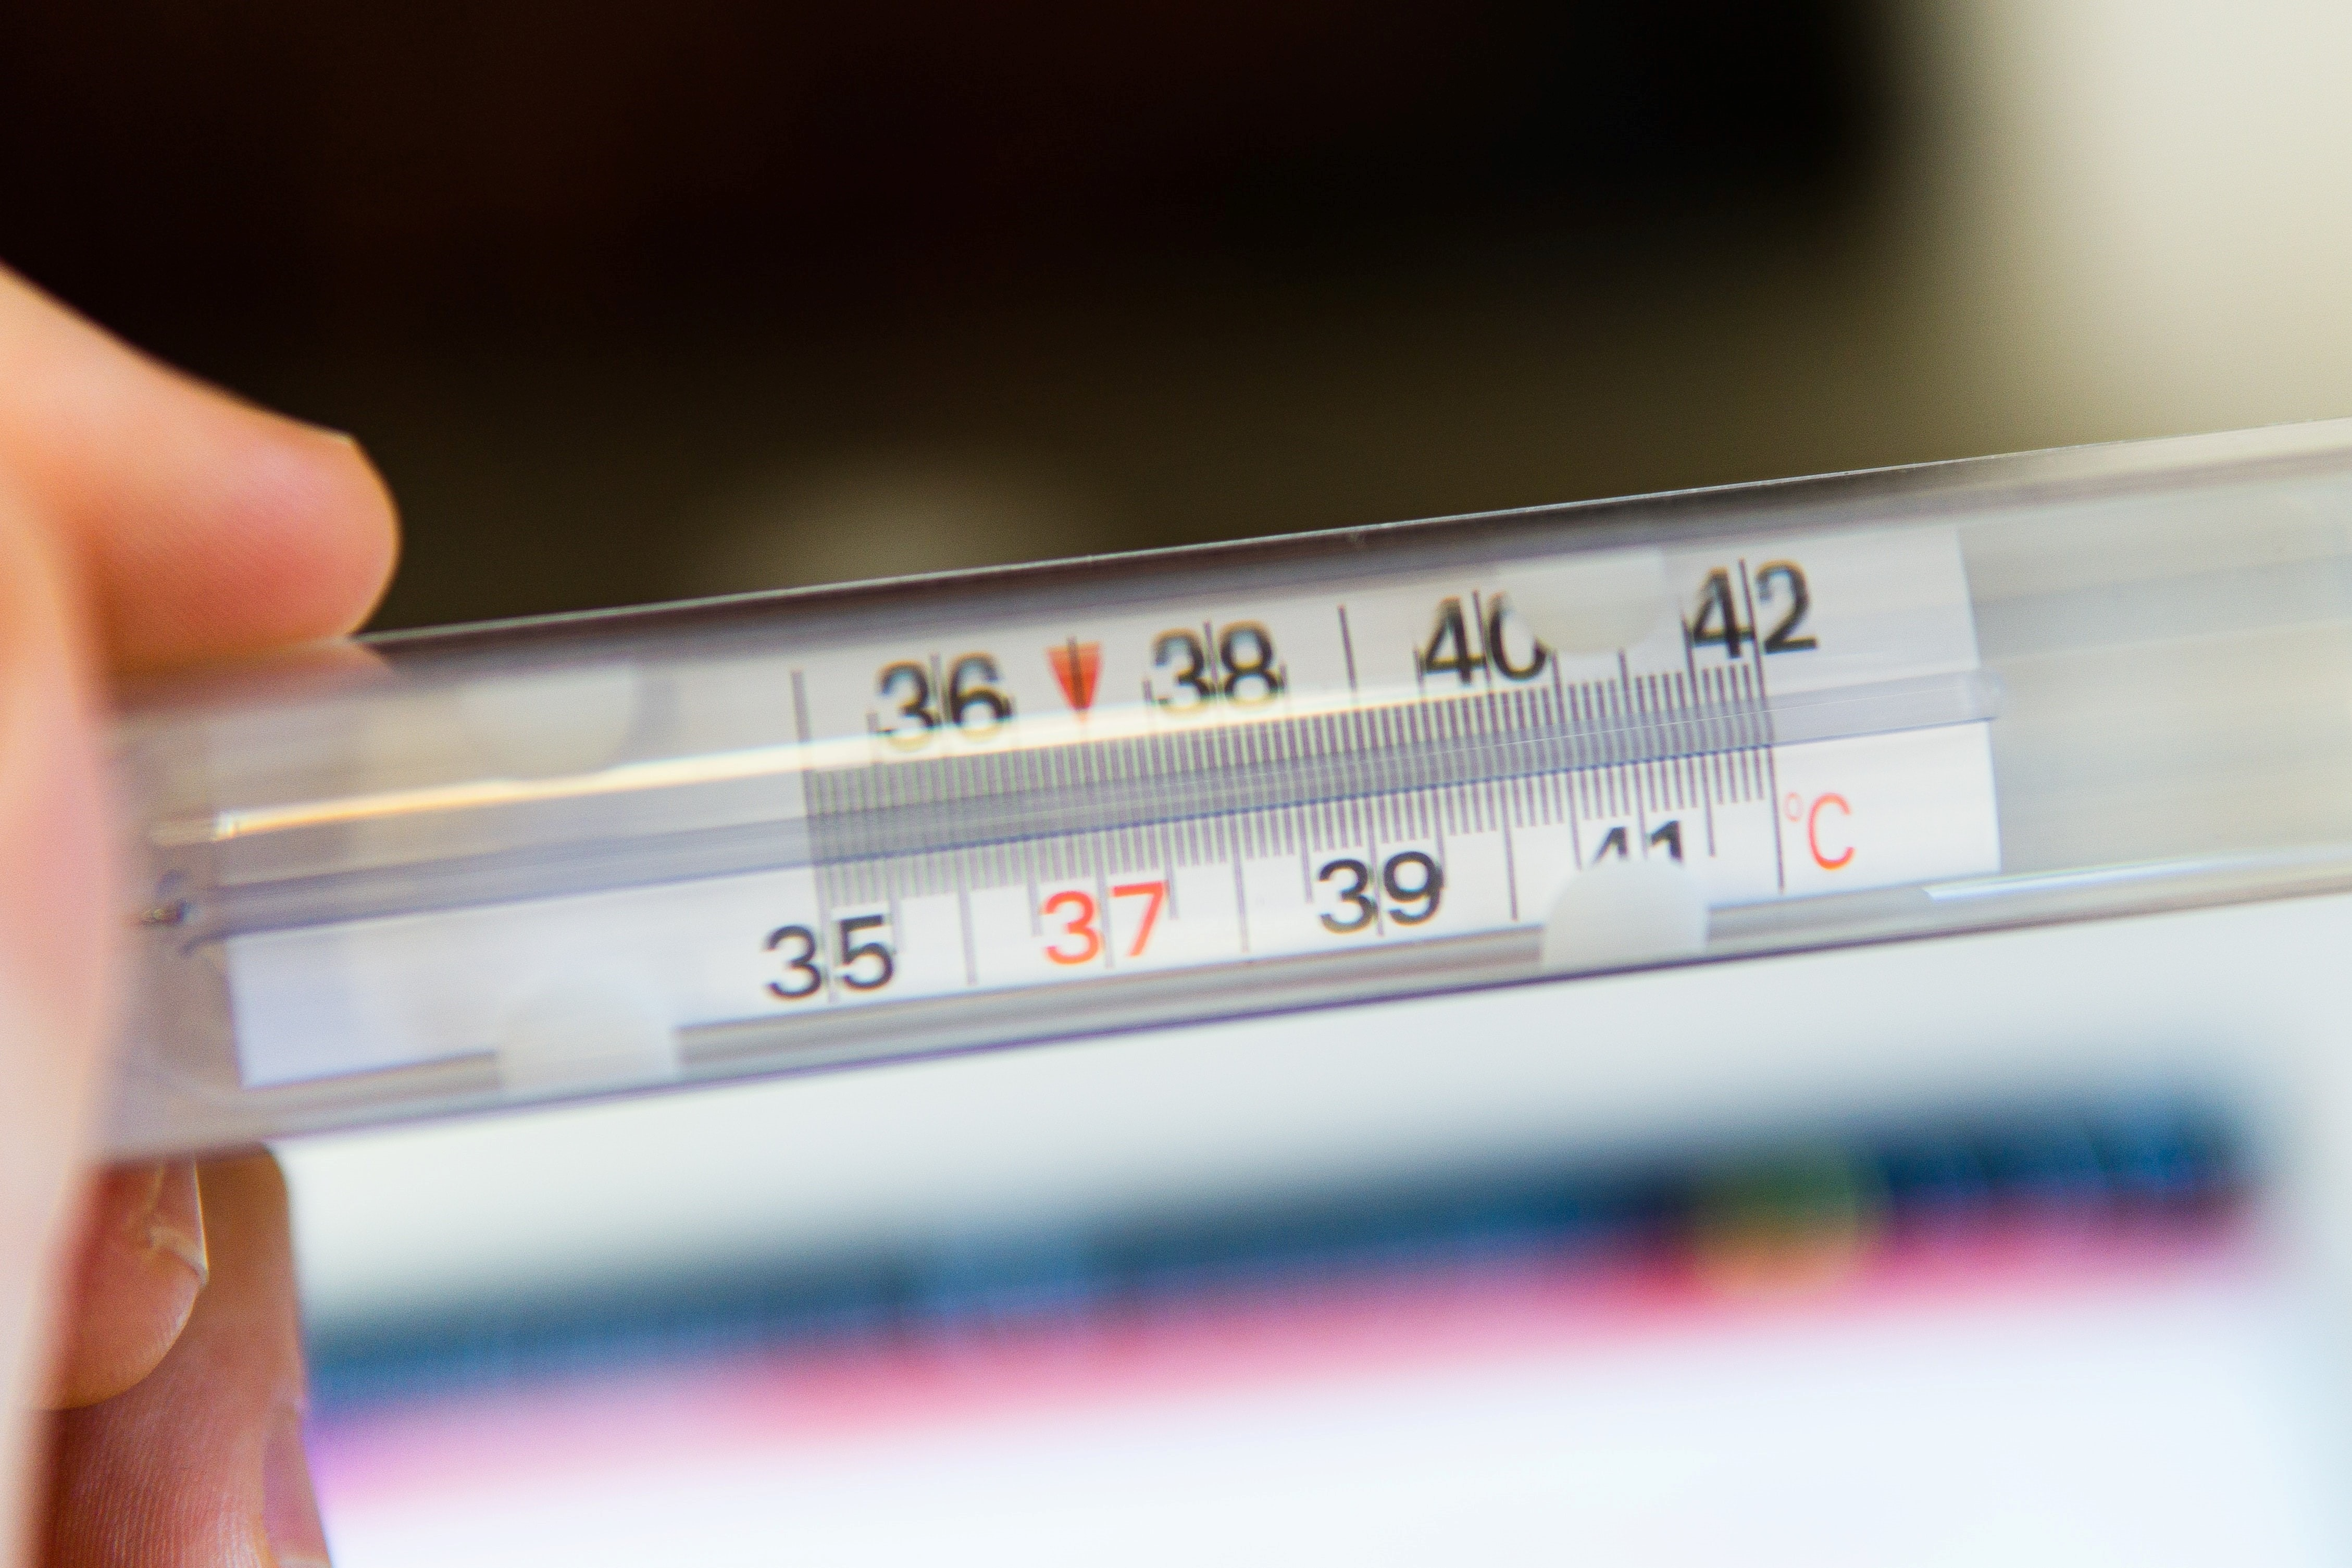 Quels sont les avantages et les inconvénients de chaque type de thermomètre?